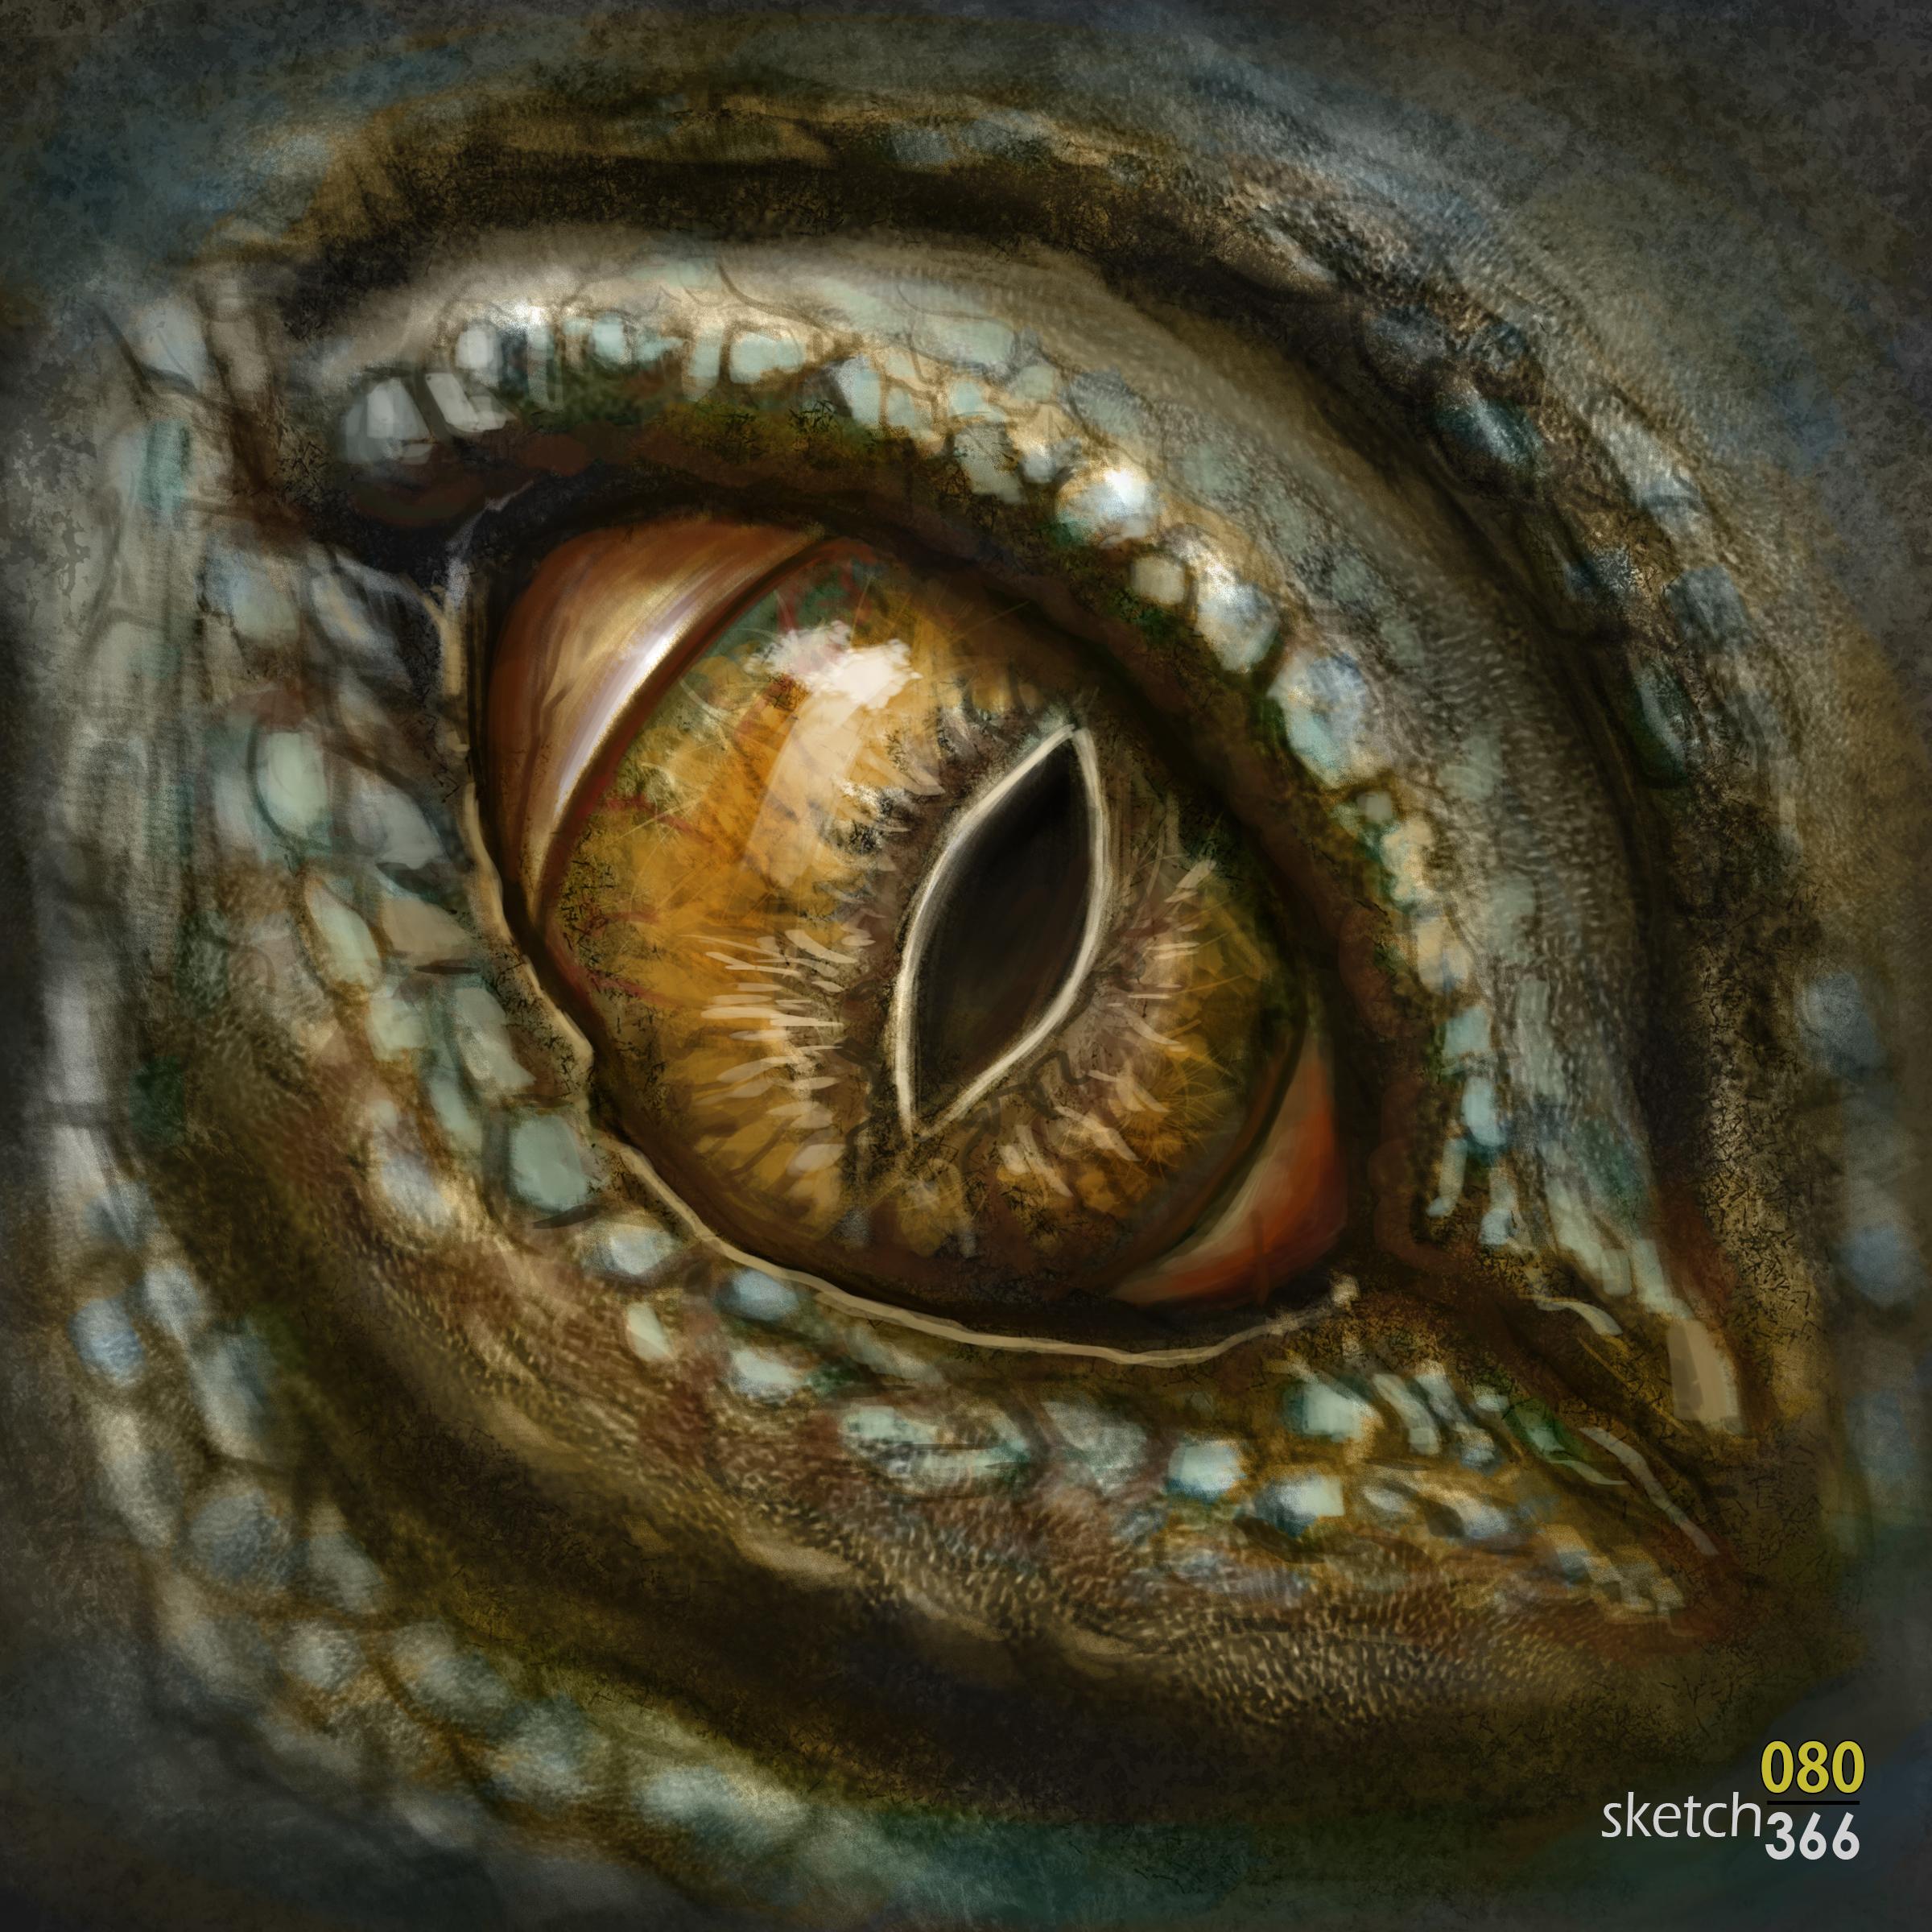 lizard eye coloring - digital paint